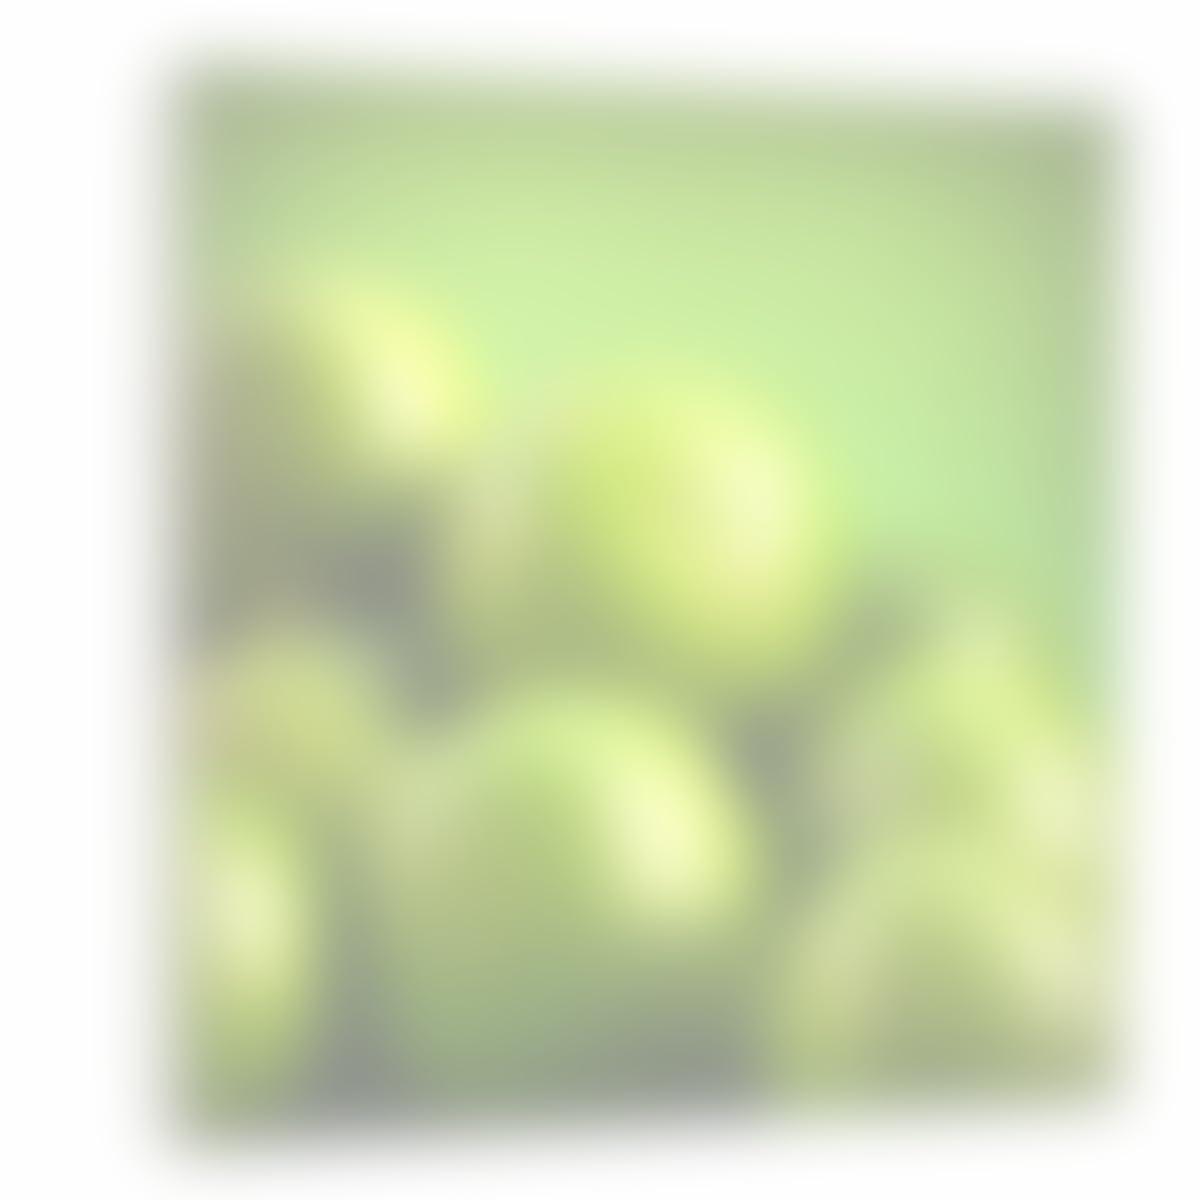 Amazon.com: Westlake Art - Canvas Print Wall Art - Lemon Lime on ...